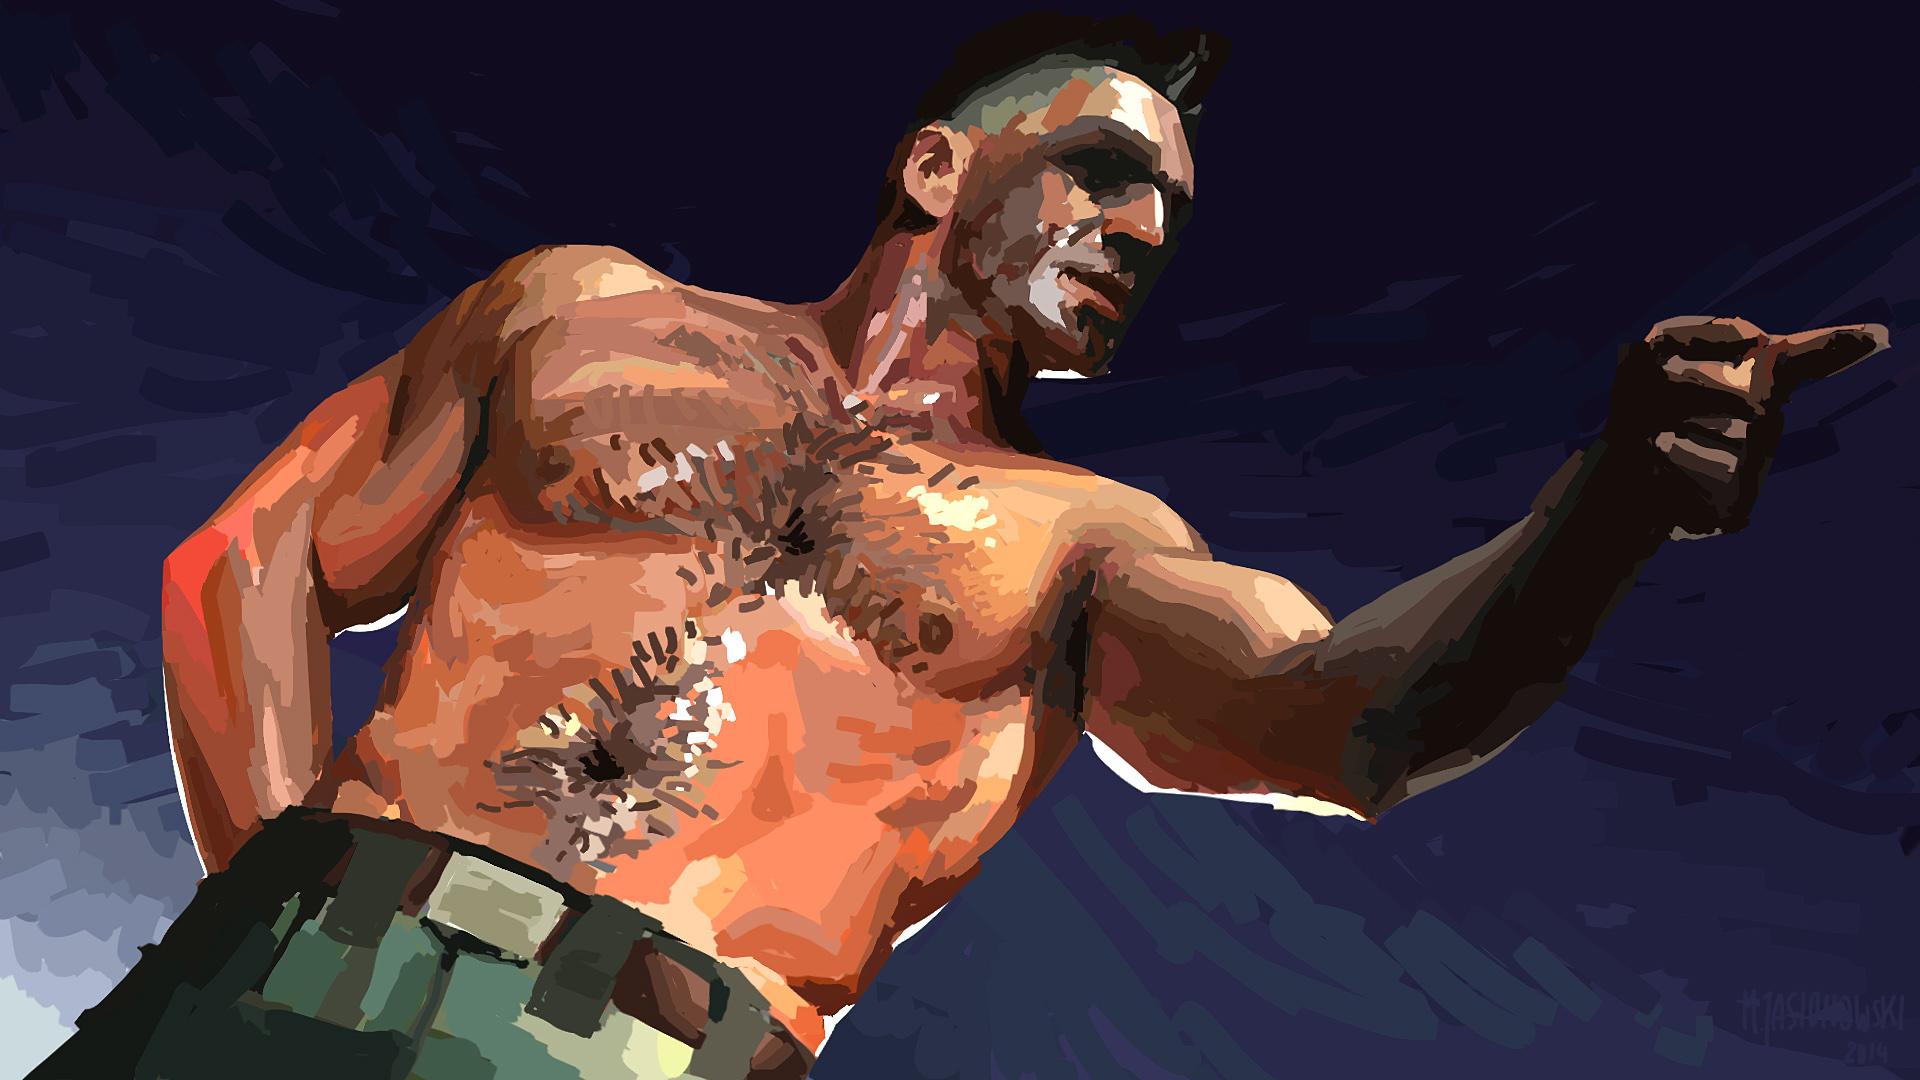 Till Lindemann - Rammstein Painting